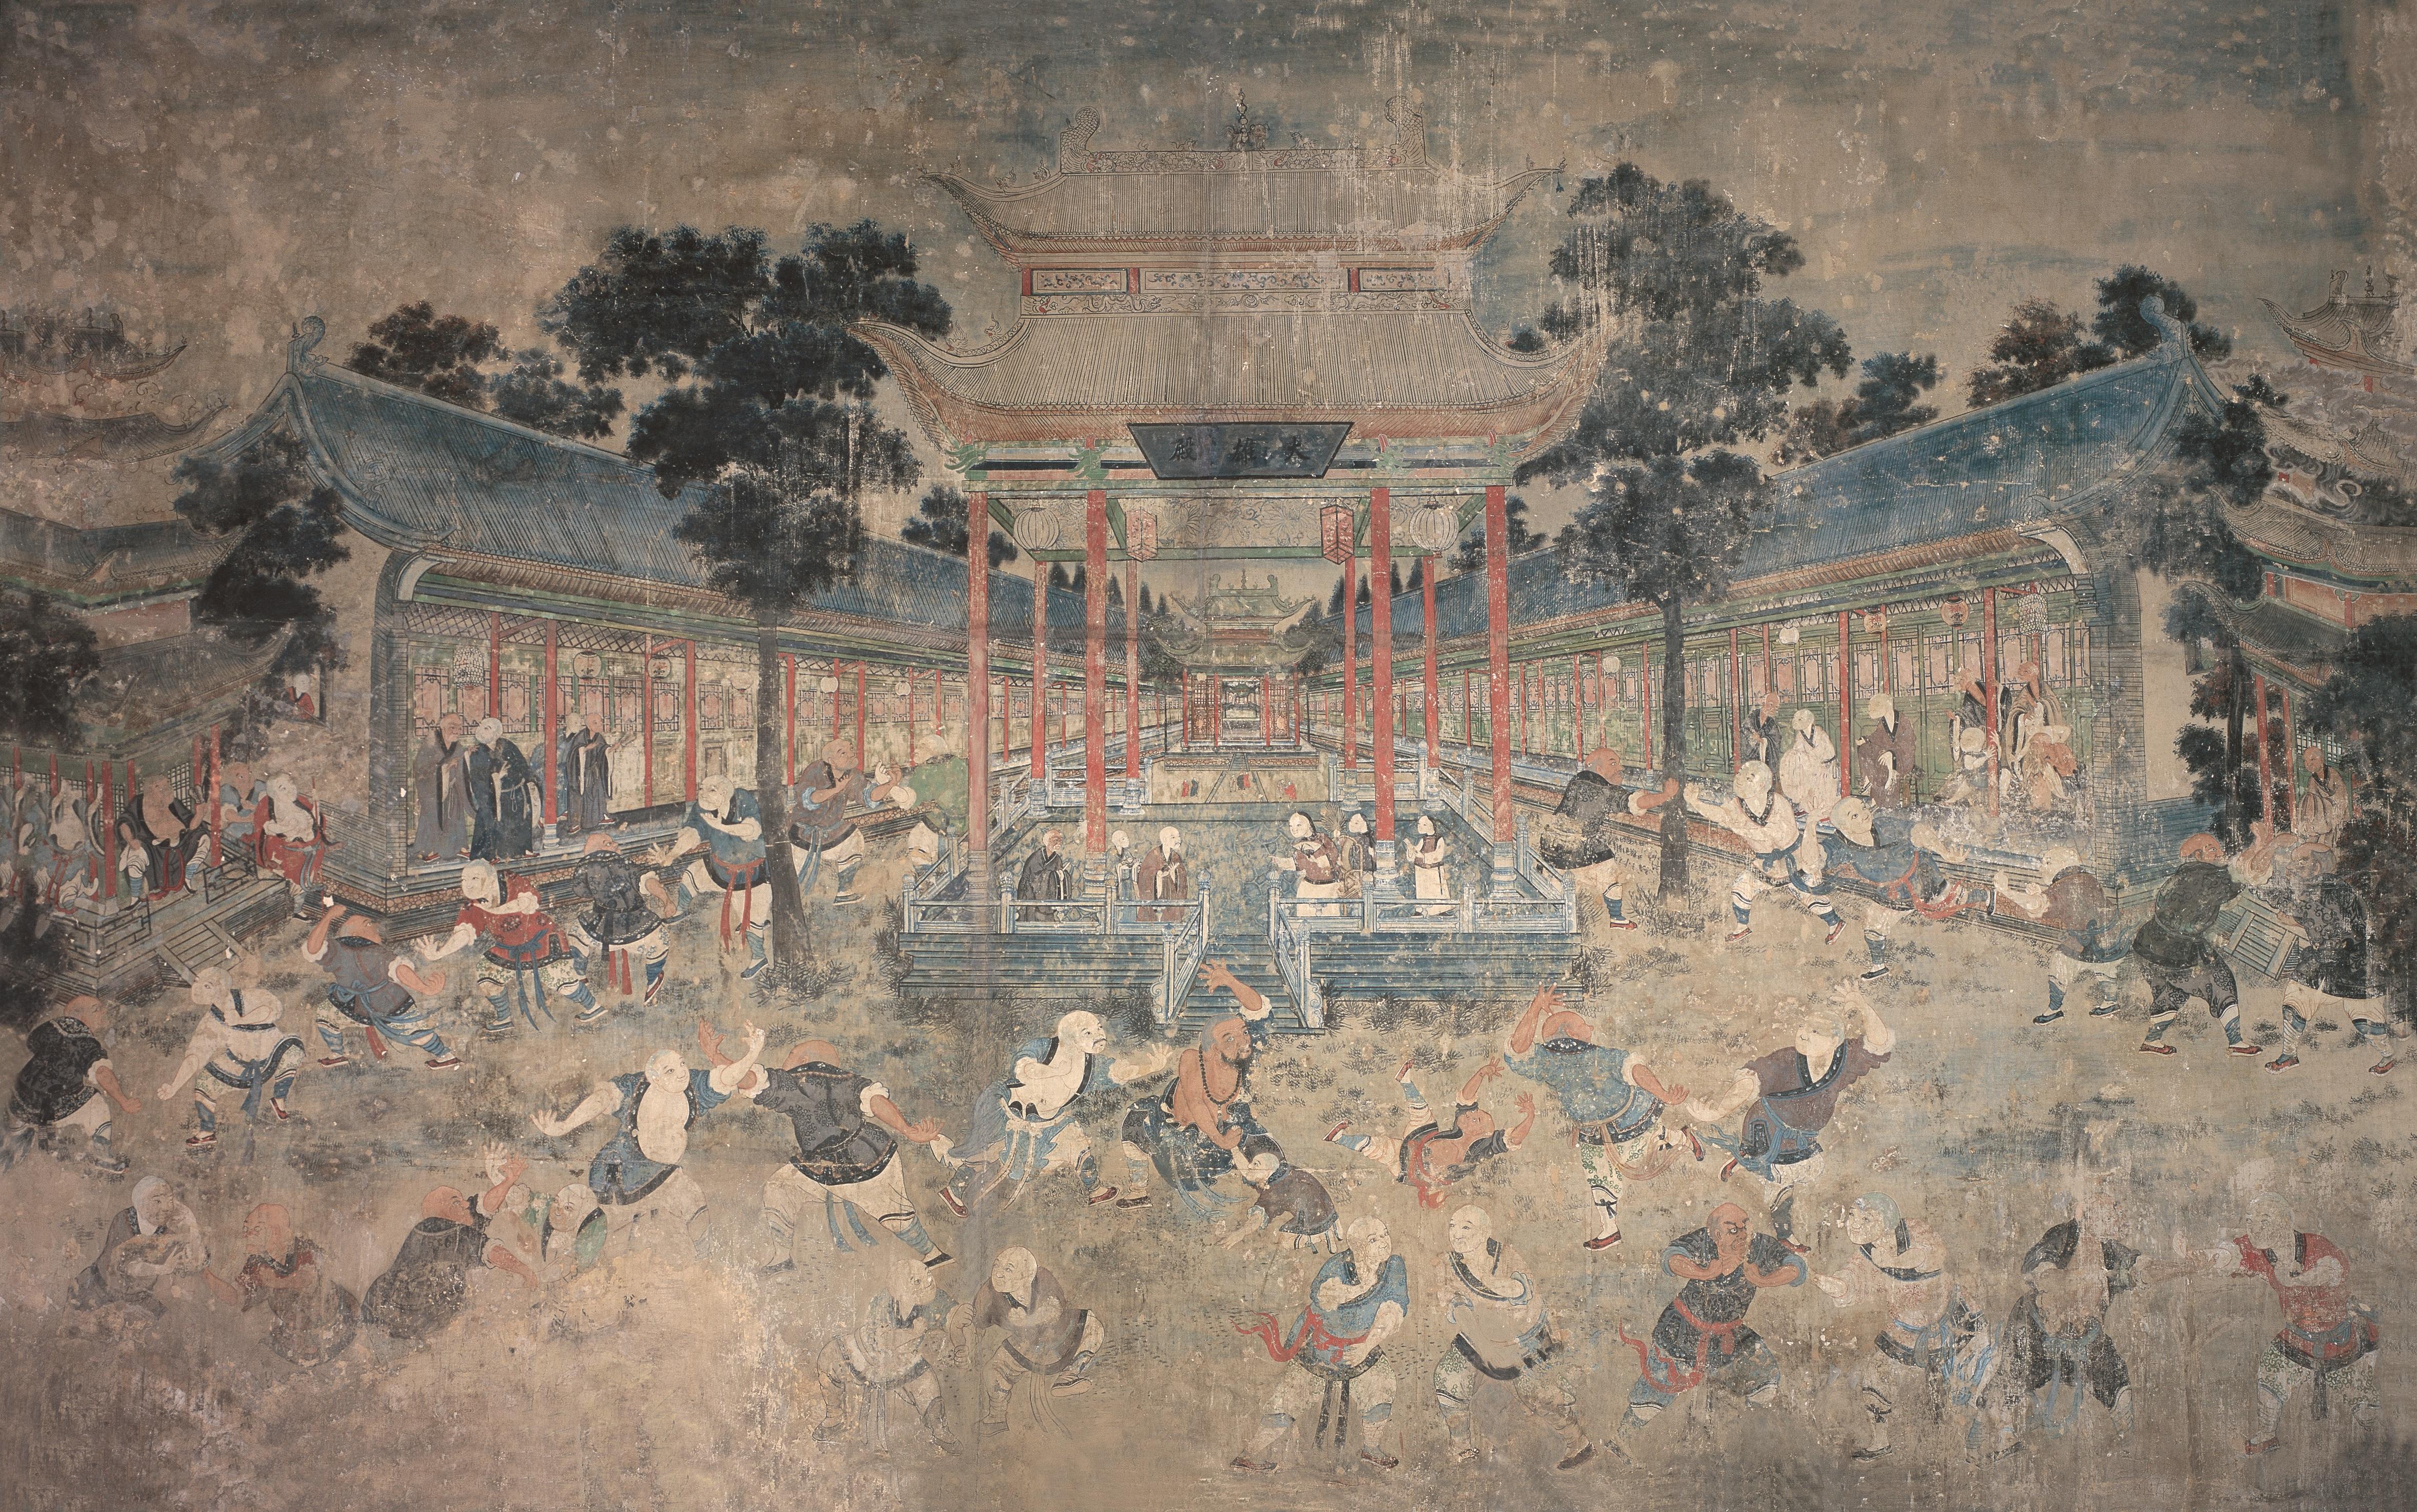 Pourquoi les maîtres des arts martiaux chinois ne veulent-ils plus enseigner ?